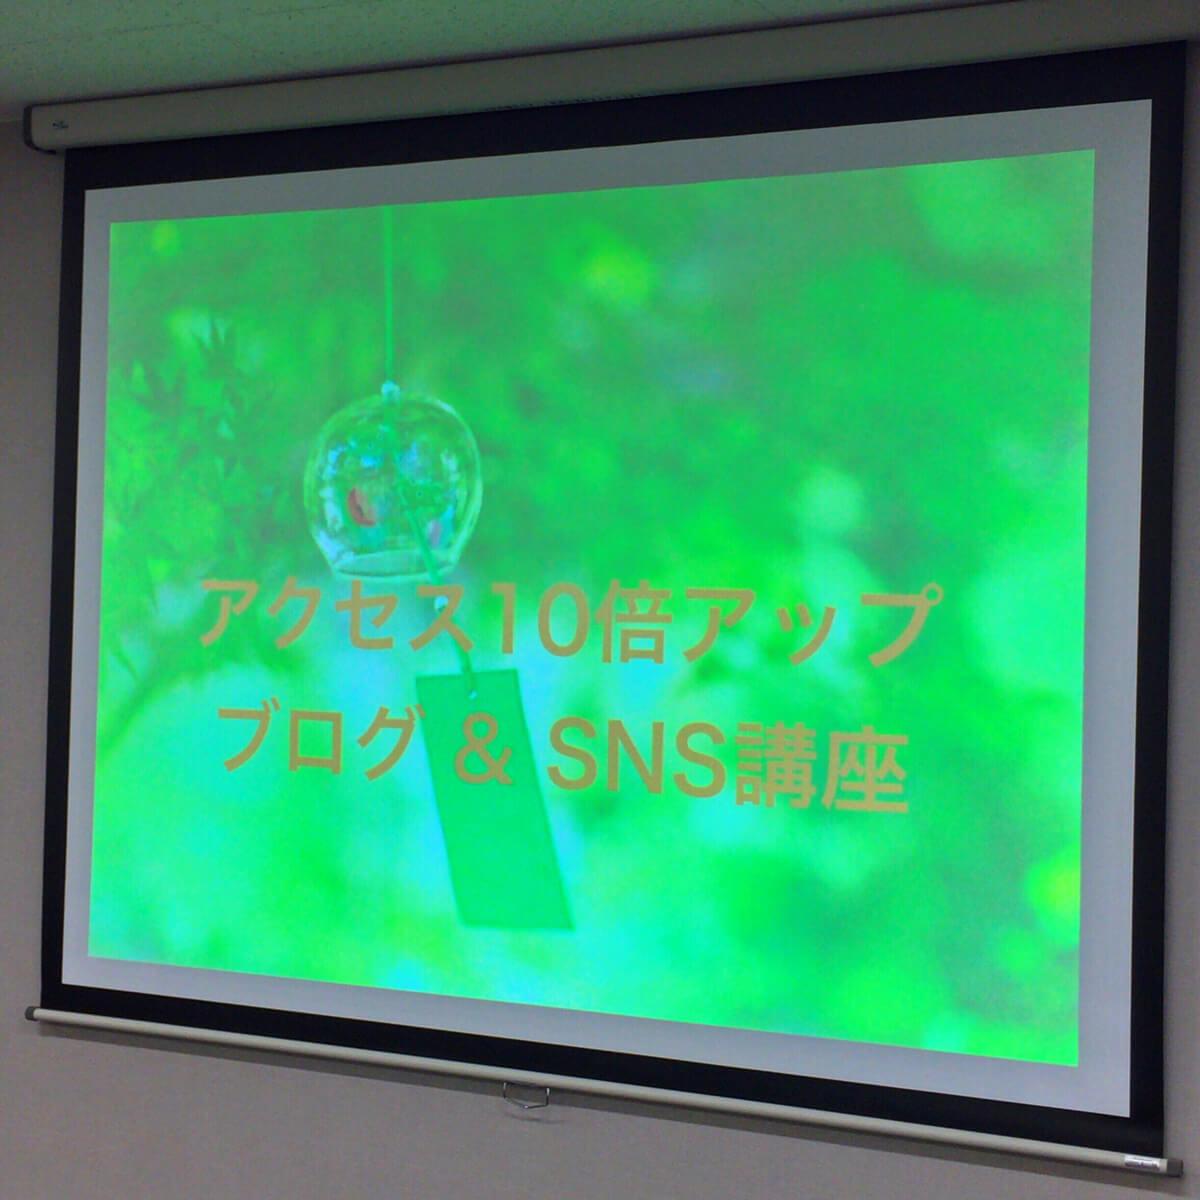 目指せ30万PV!名古屋で「アクセス10倍アップ ブログ & SNS講座」を受講してきた